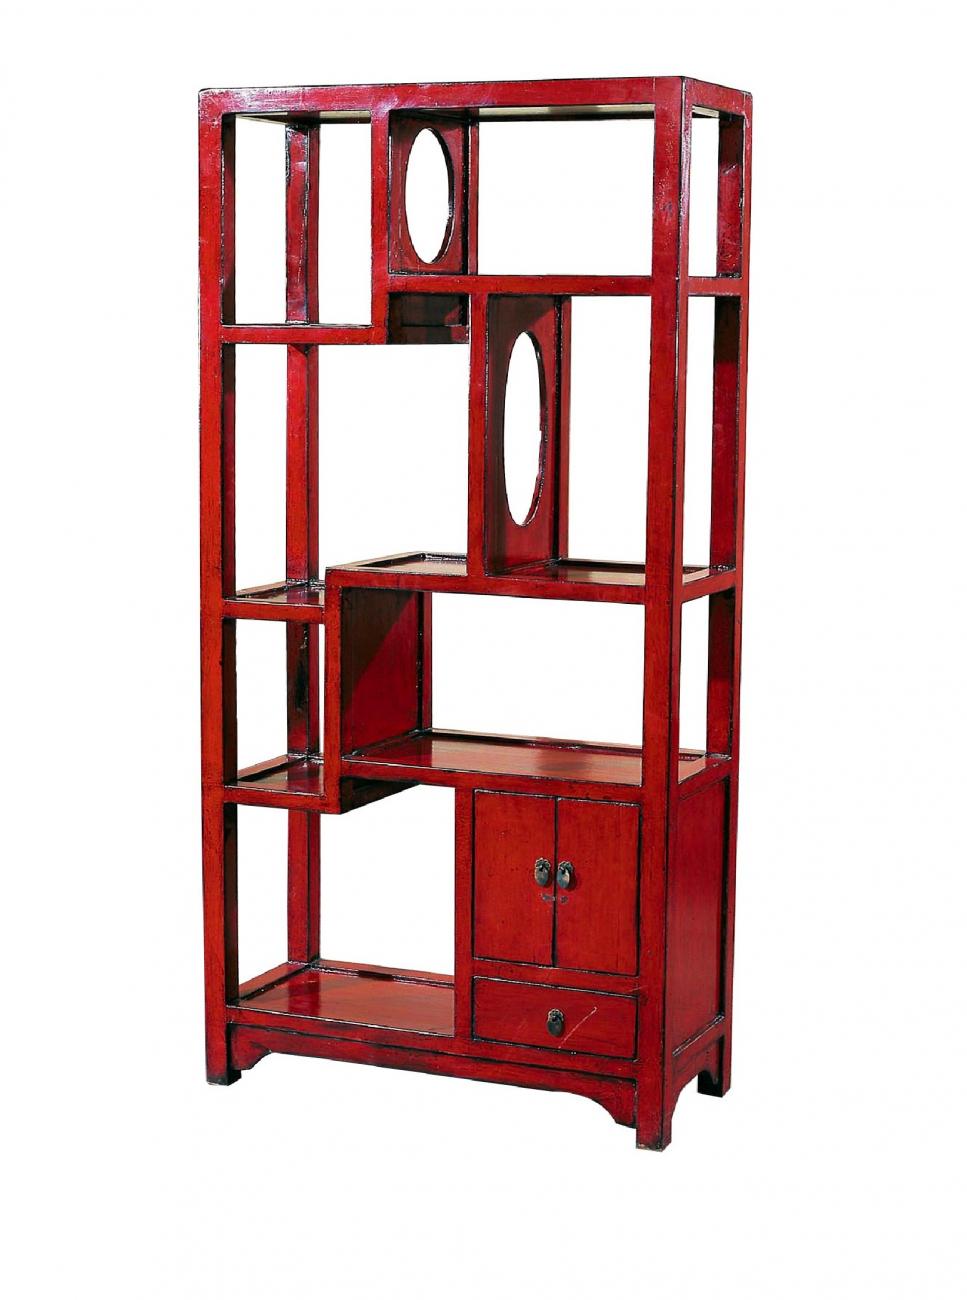 Купить Стеллаж До-Бао-Гэ Красный в интернет магазине дизайнерской мебели и аксессуаров для дома и дачи